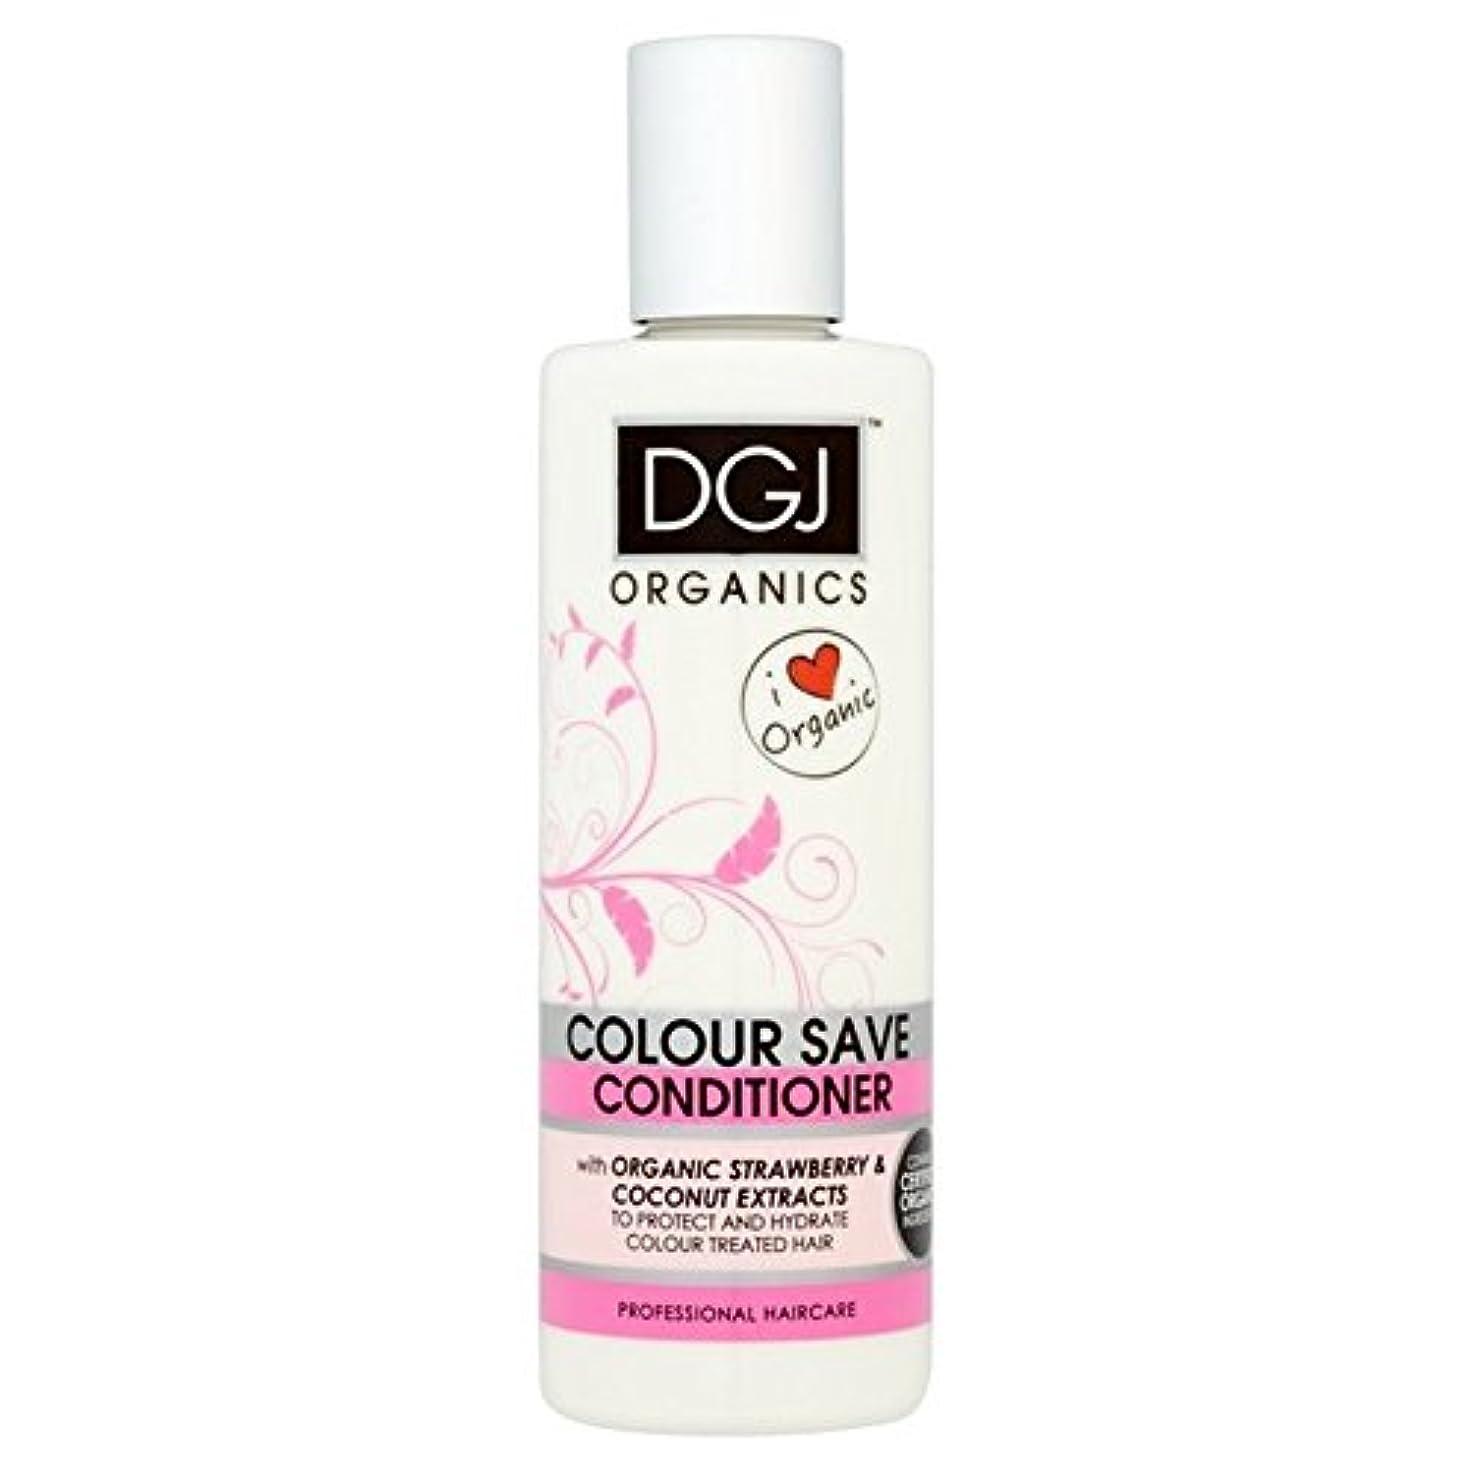 スナッチシーフードカエル有機物の色コンディショナー250を保存 x4 - DGJ Organics Colour Save Conditioner 250ml (Pack of 4) [並行輸入品]